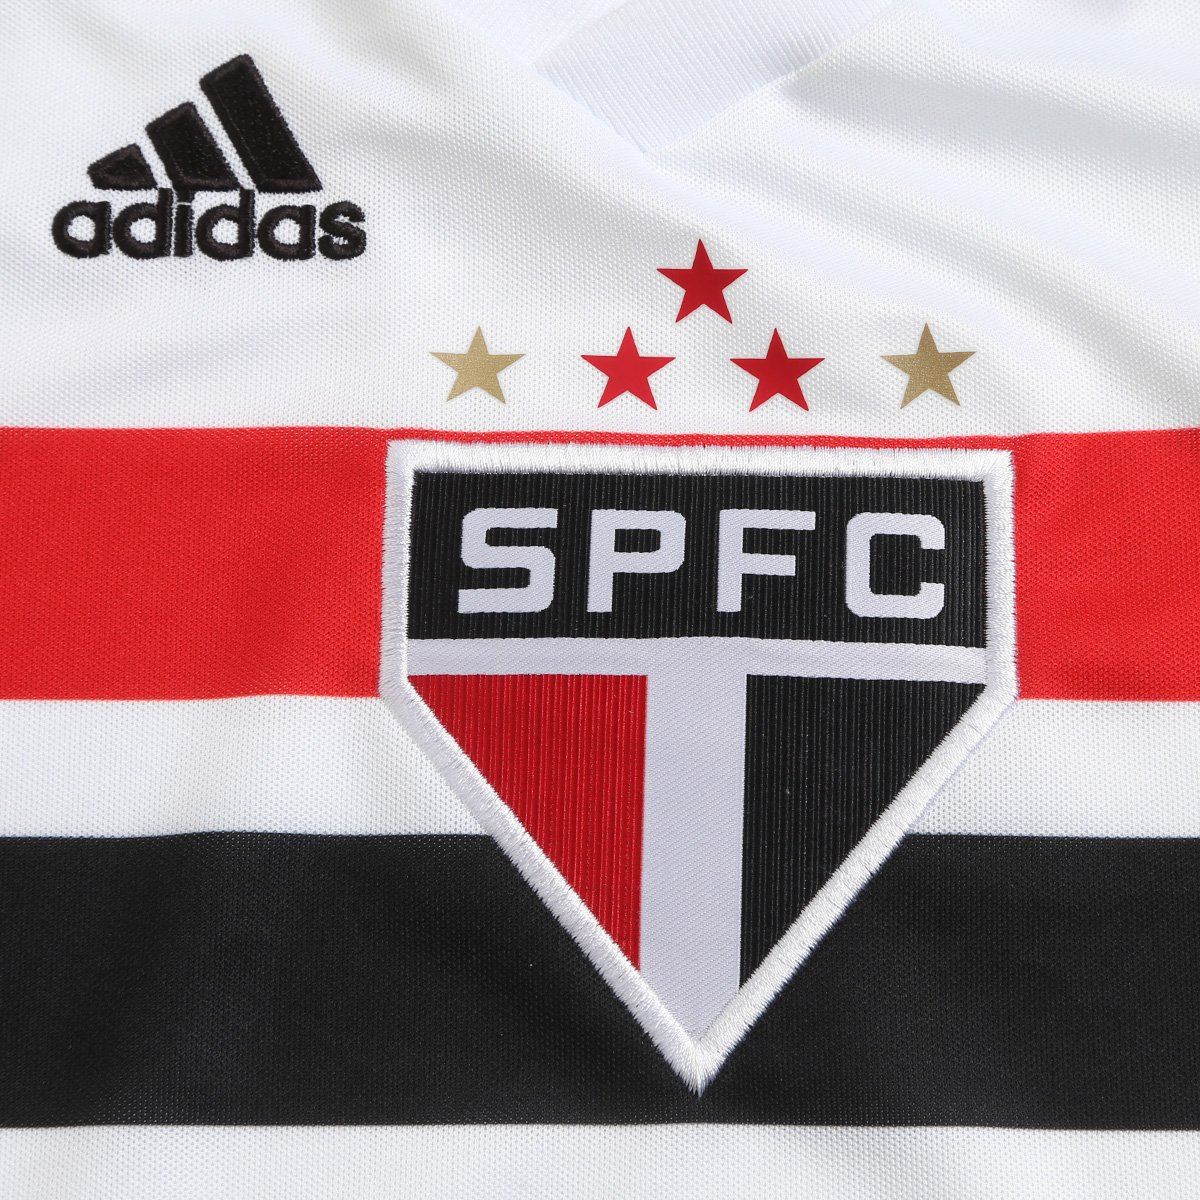 f425329ef2 Camisa São Paulo Infantil I 2018 s/n° Torcedor Adidas | Livelo -Sua Vida  com Mais Recompensas